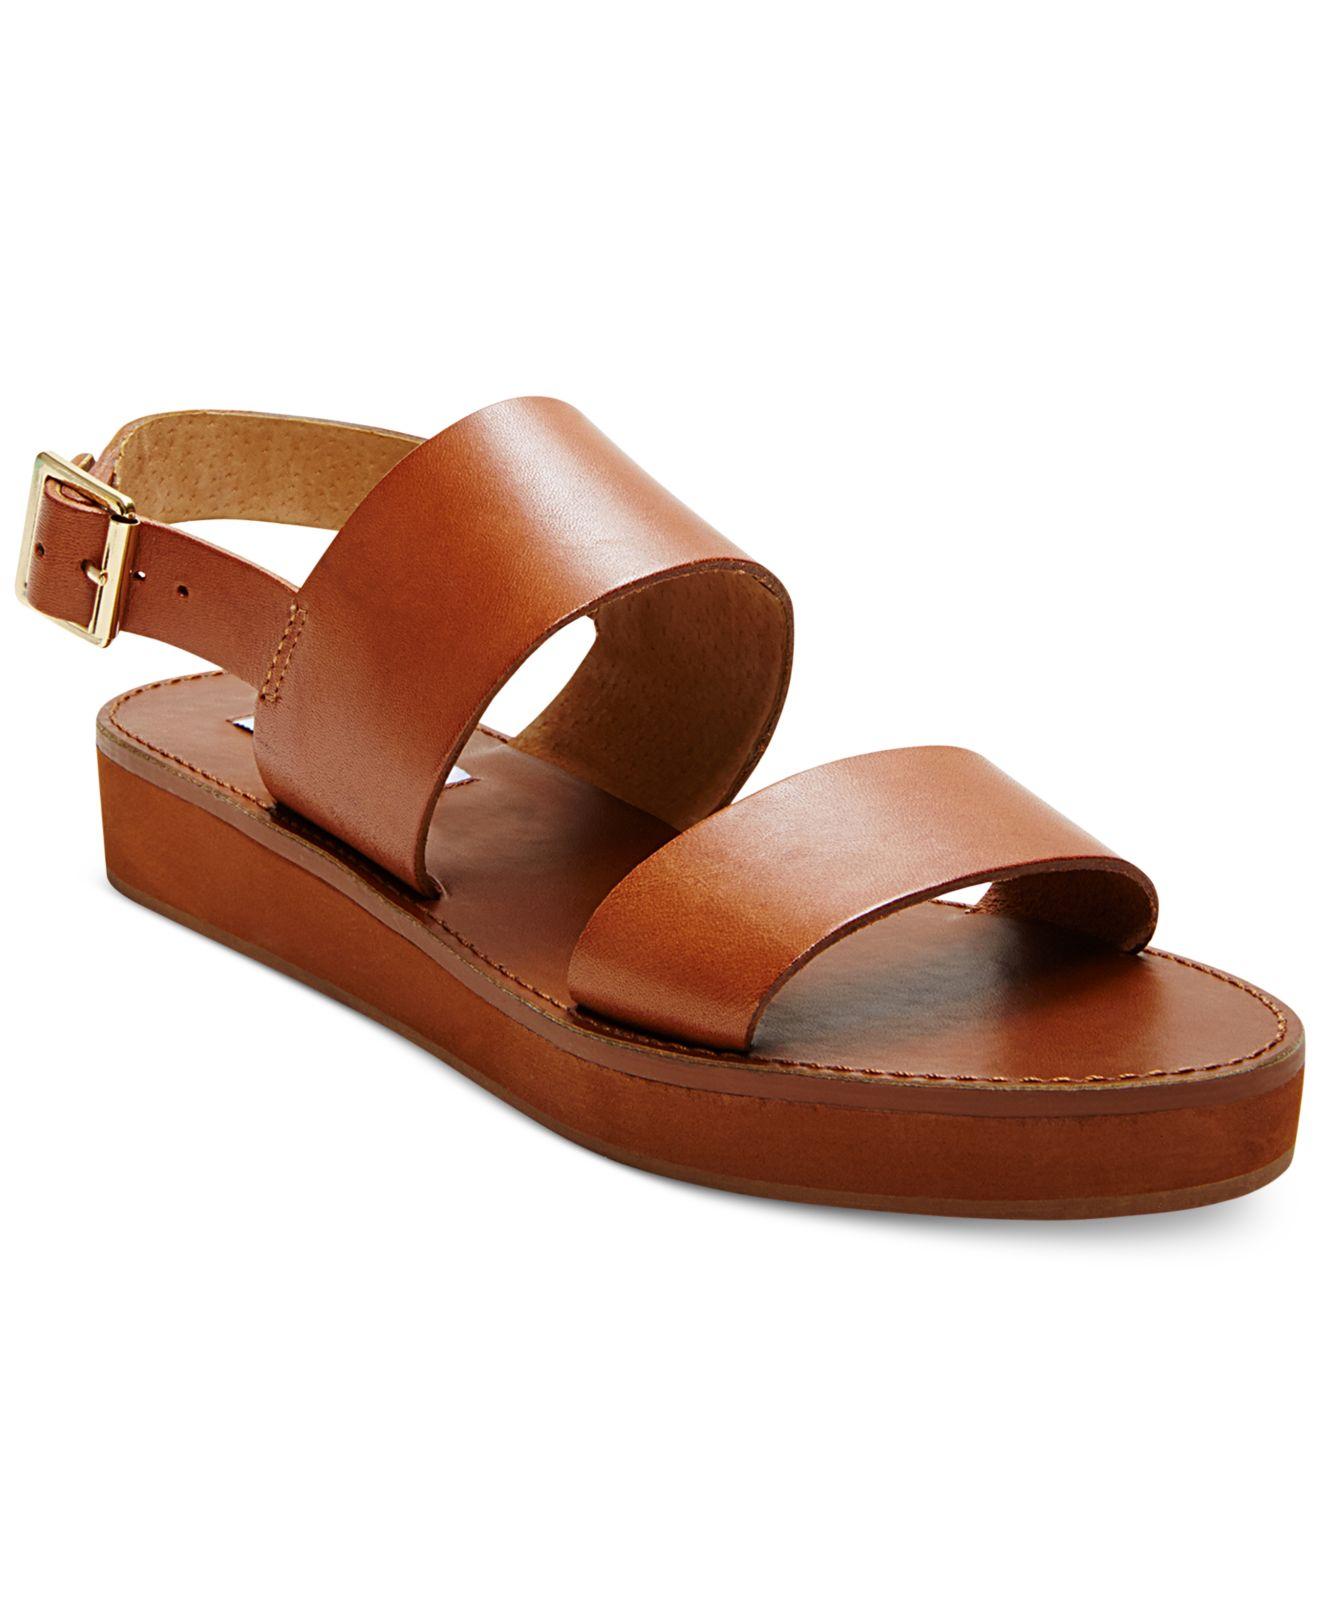 7aba62af0b1 Lyst - Steve Madden Orka Flatform Sandals in Brown